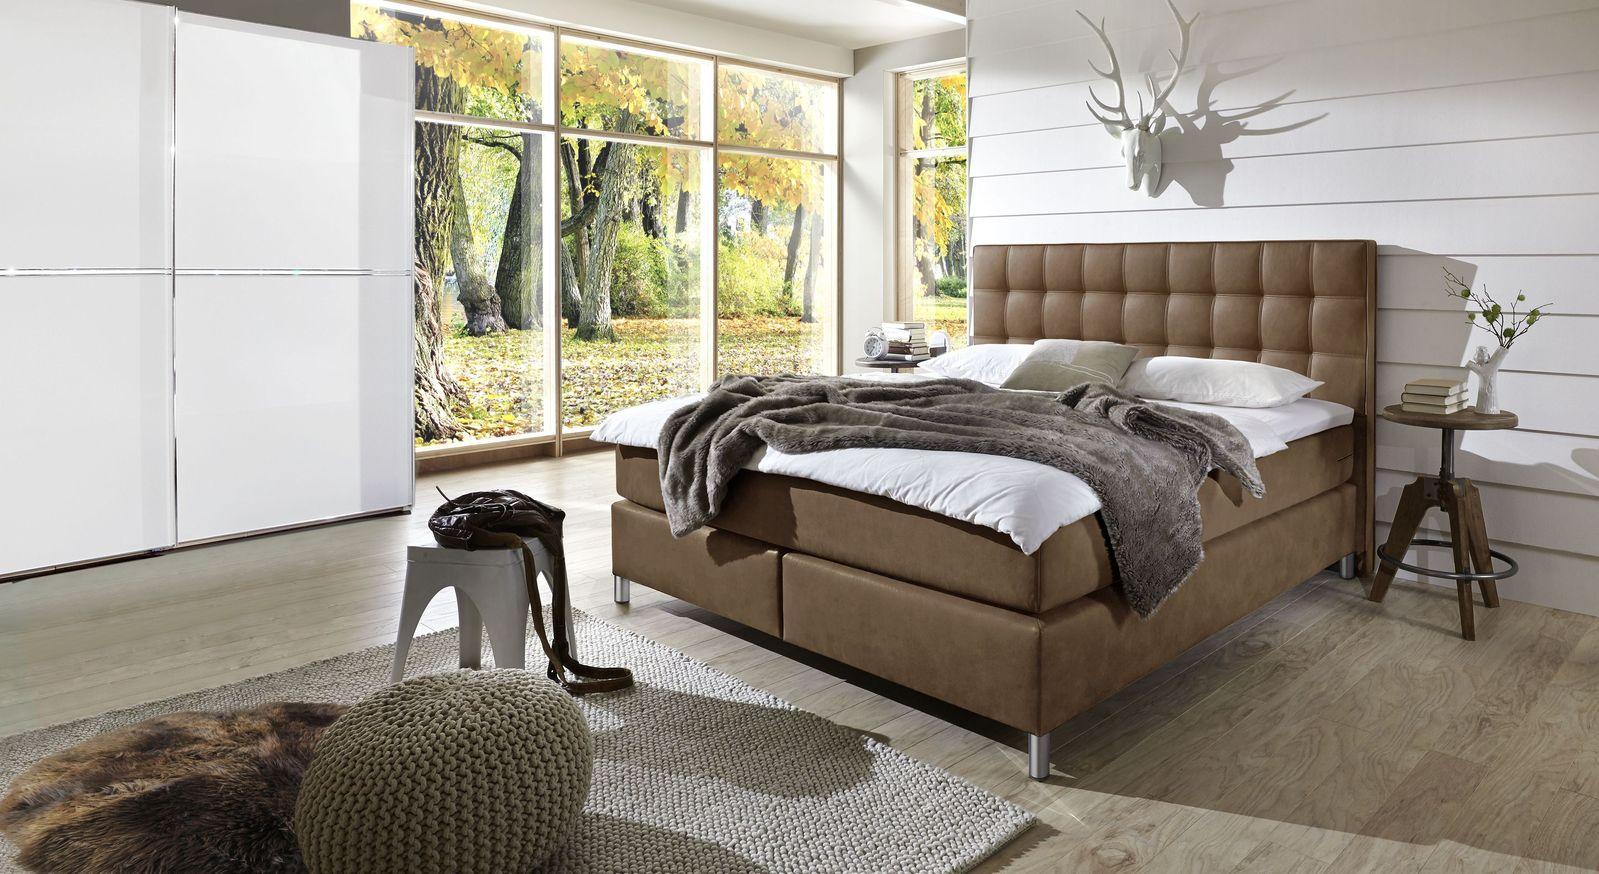 Schlafzimmer komplett auf Rechnung kaufen - Zamora